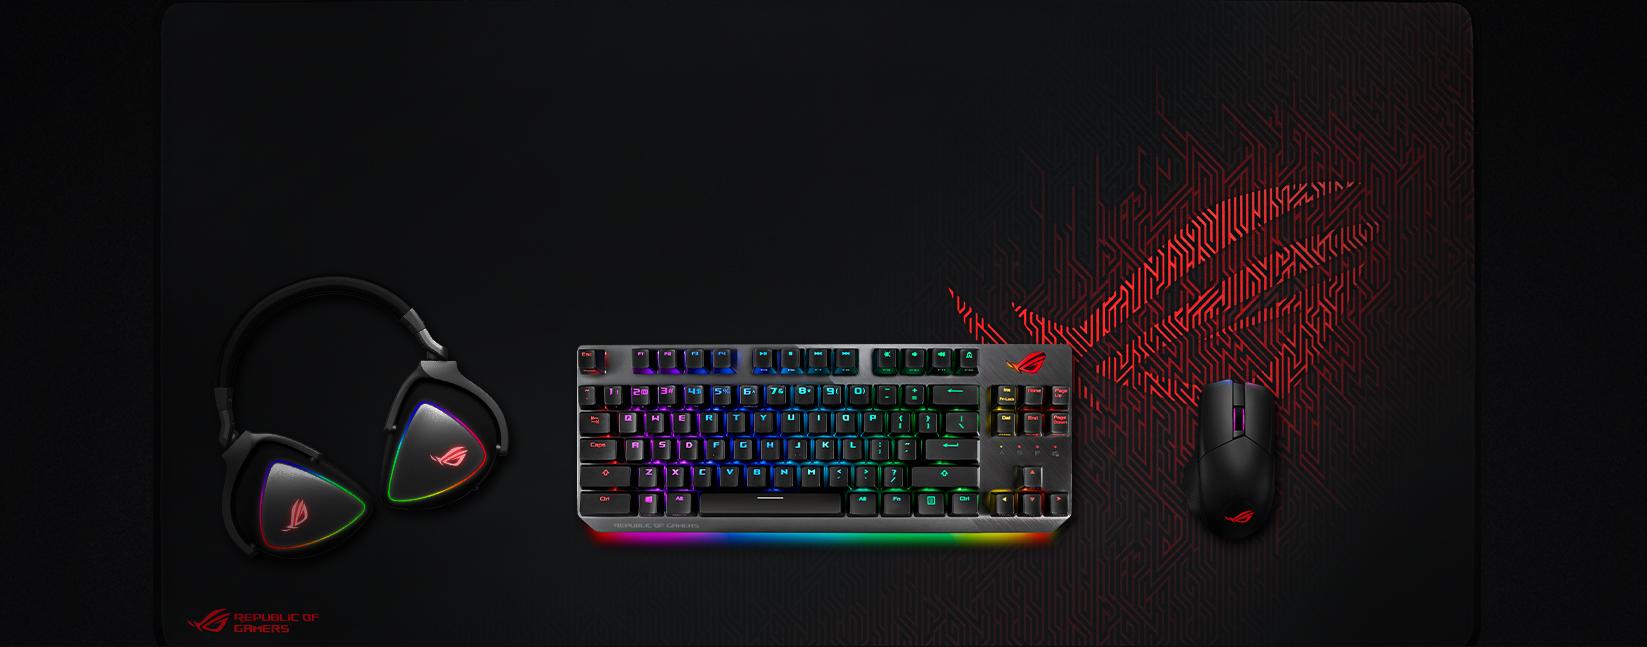 Bàn phím Asus ROG Strix Scope TKL (USB/RGB/Red sw) có thiết kế TKL gọn gàng